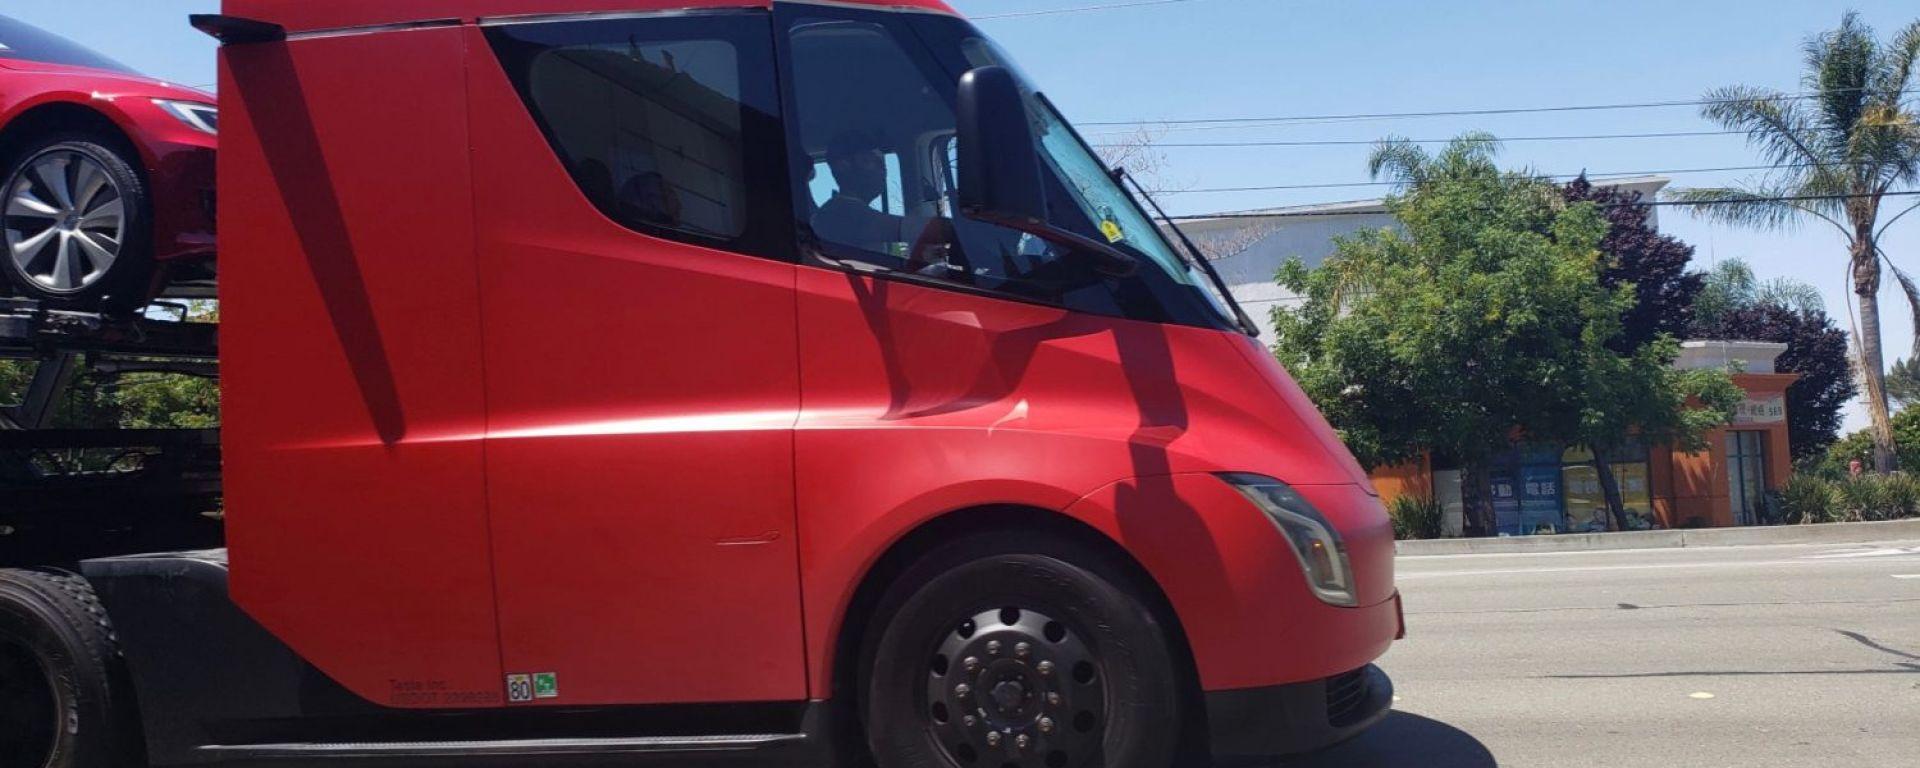 Truck Semi: eccolo mentre trasporta alcune Tesla ai legittimi proprietari